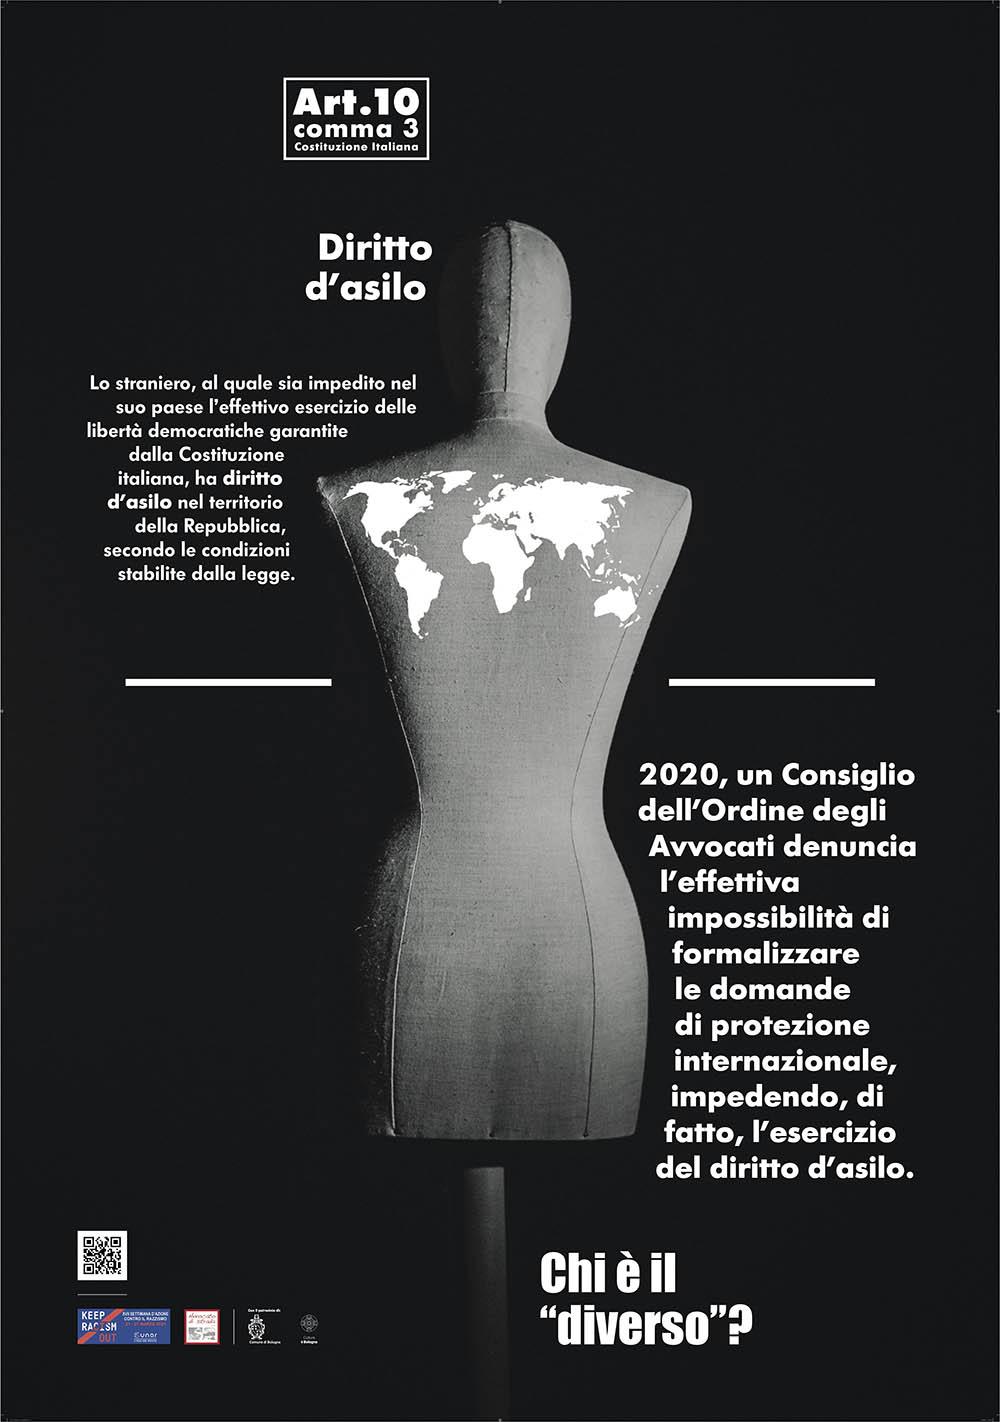 """Art. 37, comma 1 della Costituzione Italiana: """"La donna lavoratrice ha gli stessi diritti e, a parità di lavoro, le stesse retribuzioni che spettano al lavoratore [...]."""""""